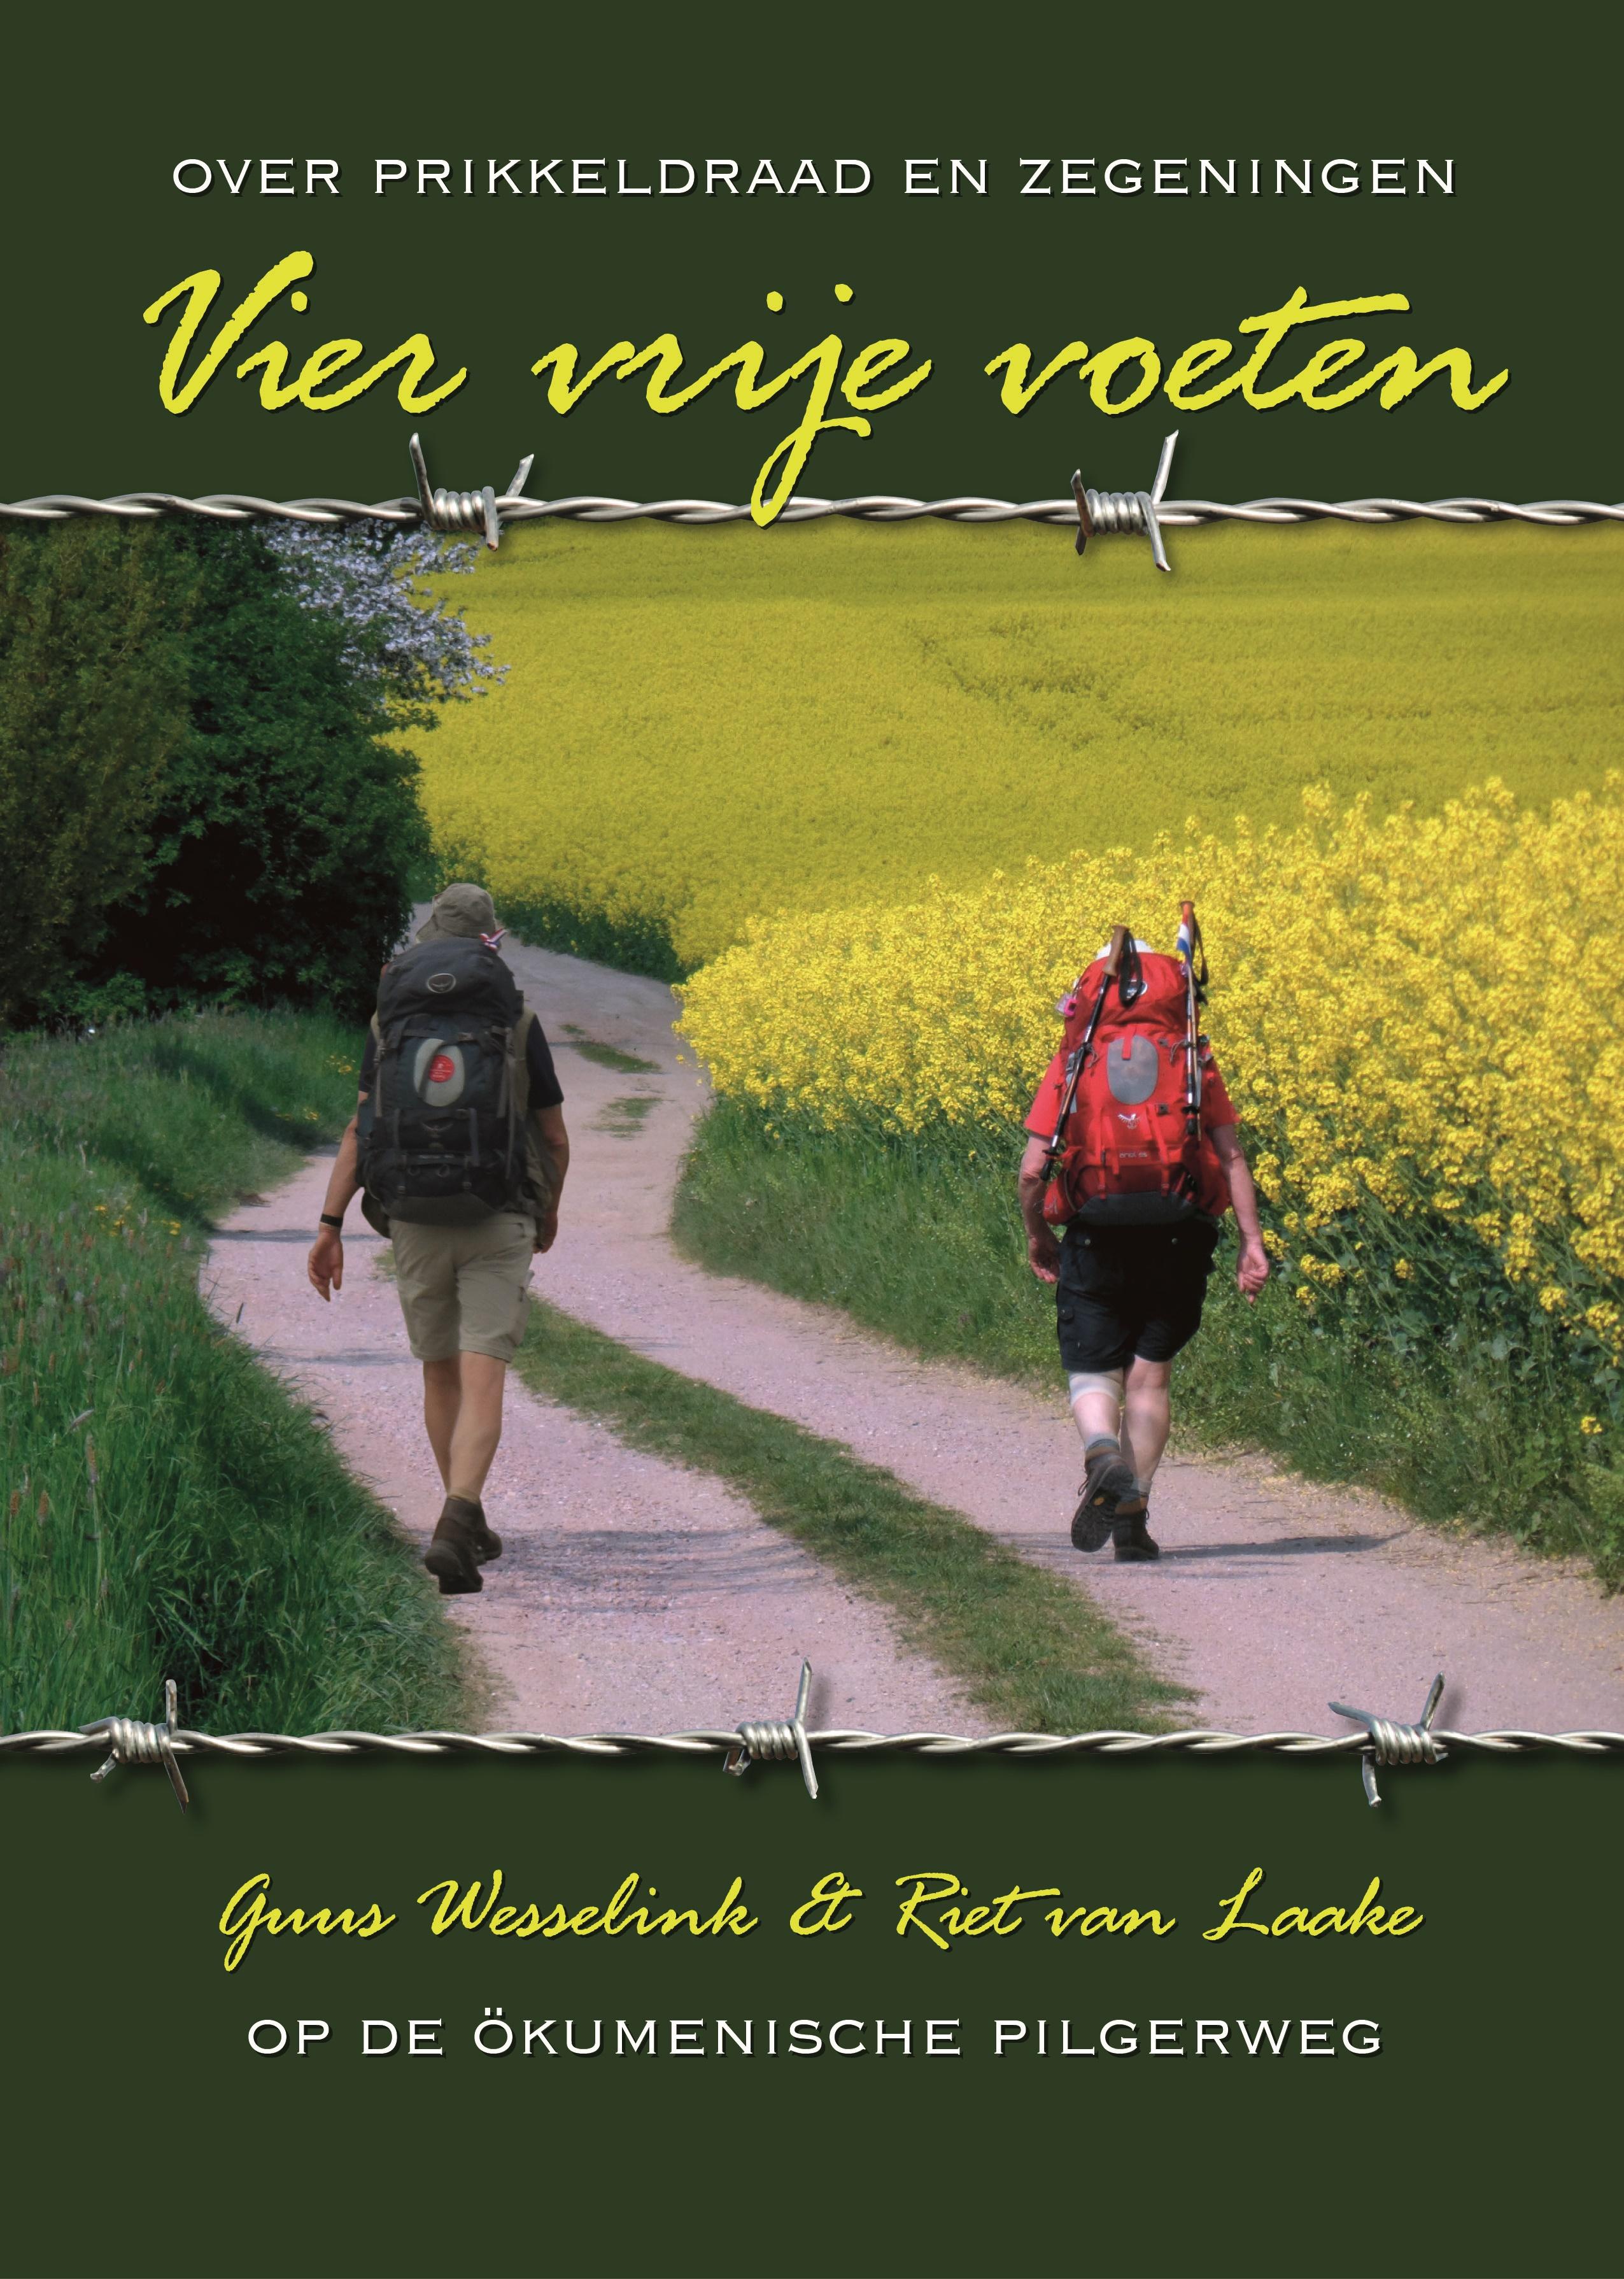 Vier Vrije Voeten, over prikkeldraad en zegeningen 9789082489507 Guus Wesselink en Riet van Laake Boekscout   Meerdaagse wandelroutes, Reisverhalen, Wandelgidsen Duitsland